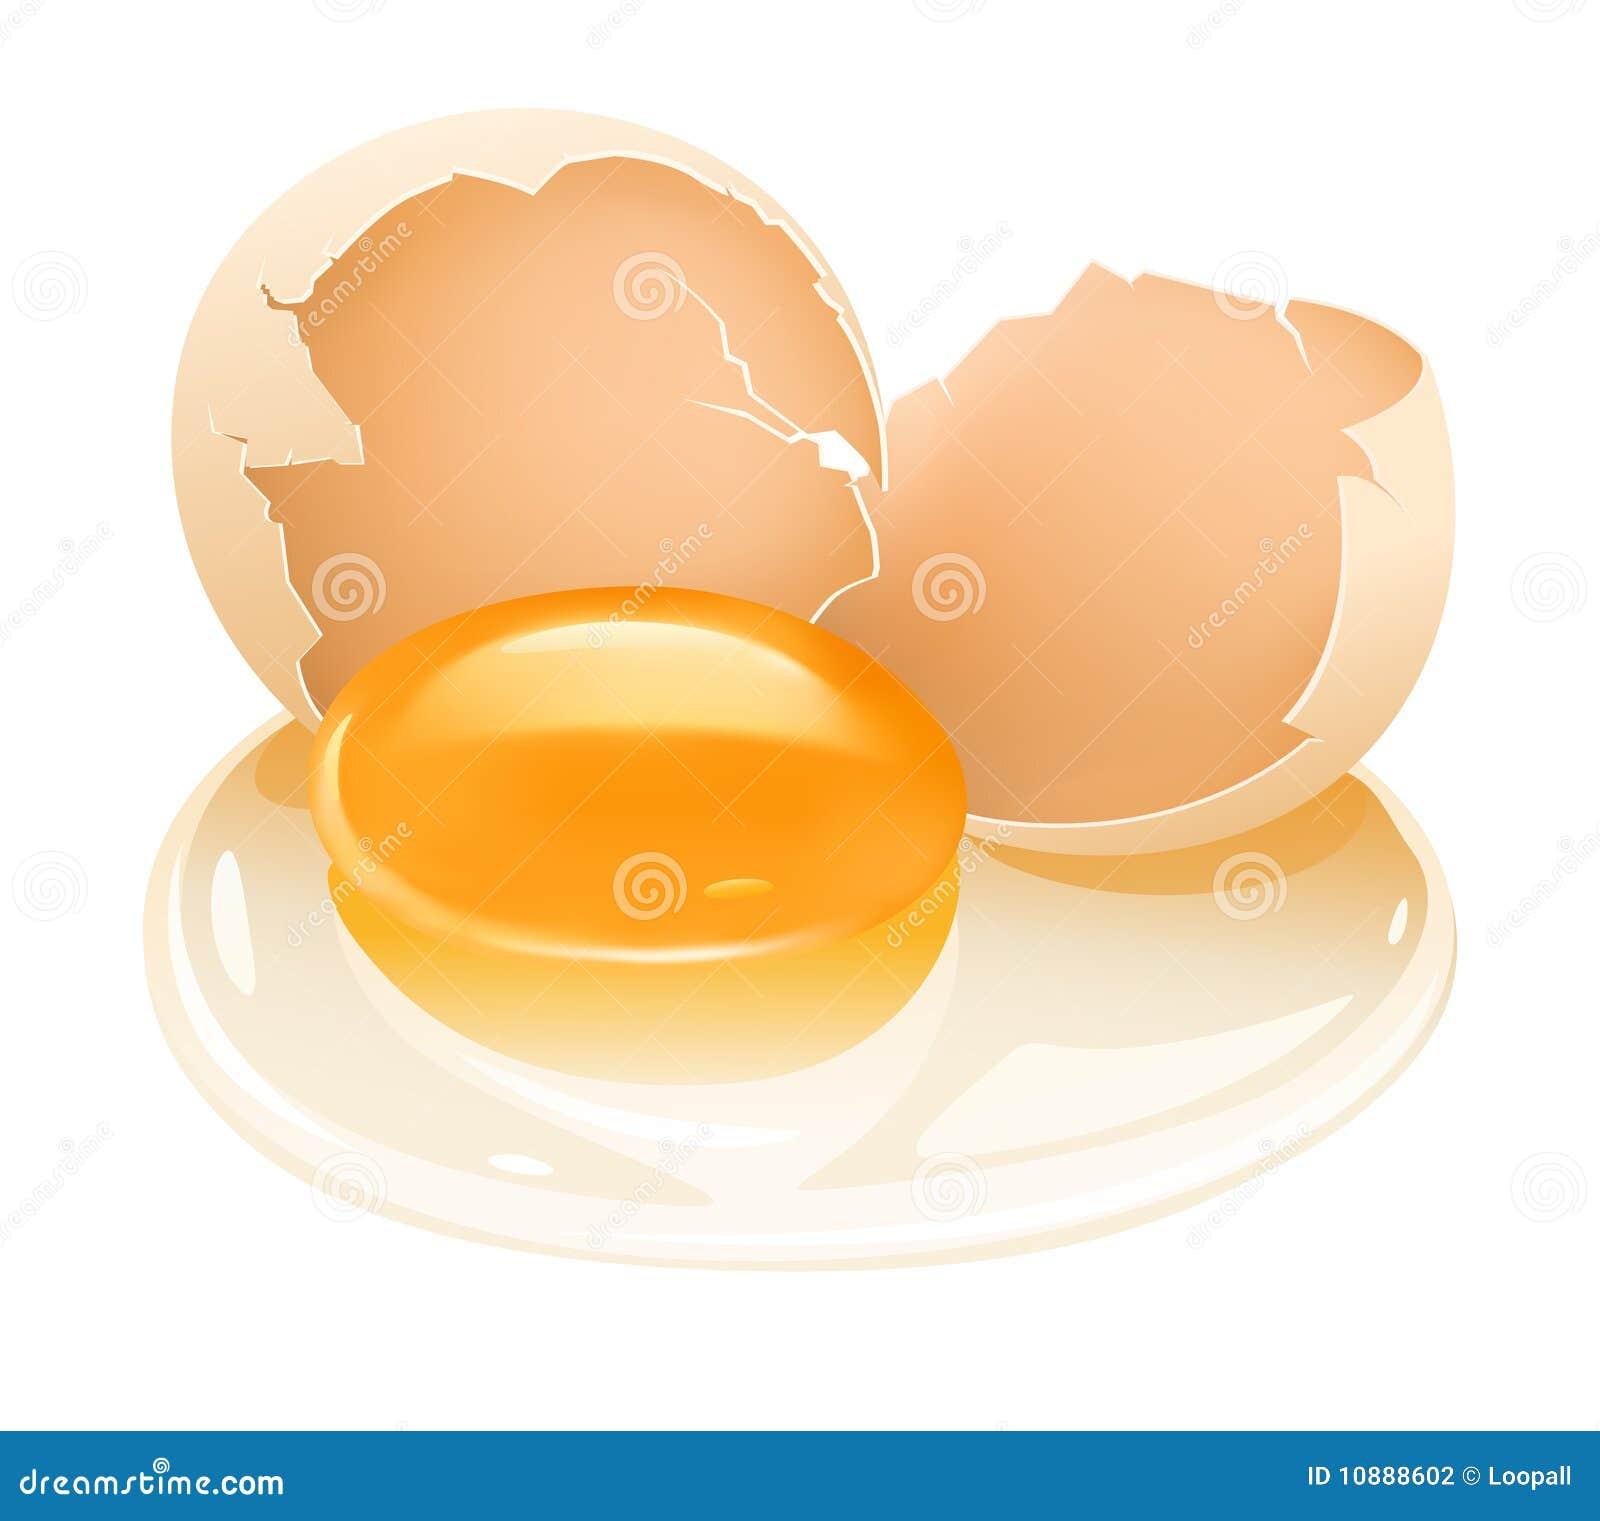 Alimento agrietado del huevo de gallina con la yema de huevo y el albumen